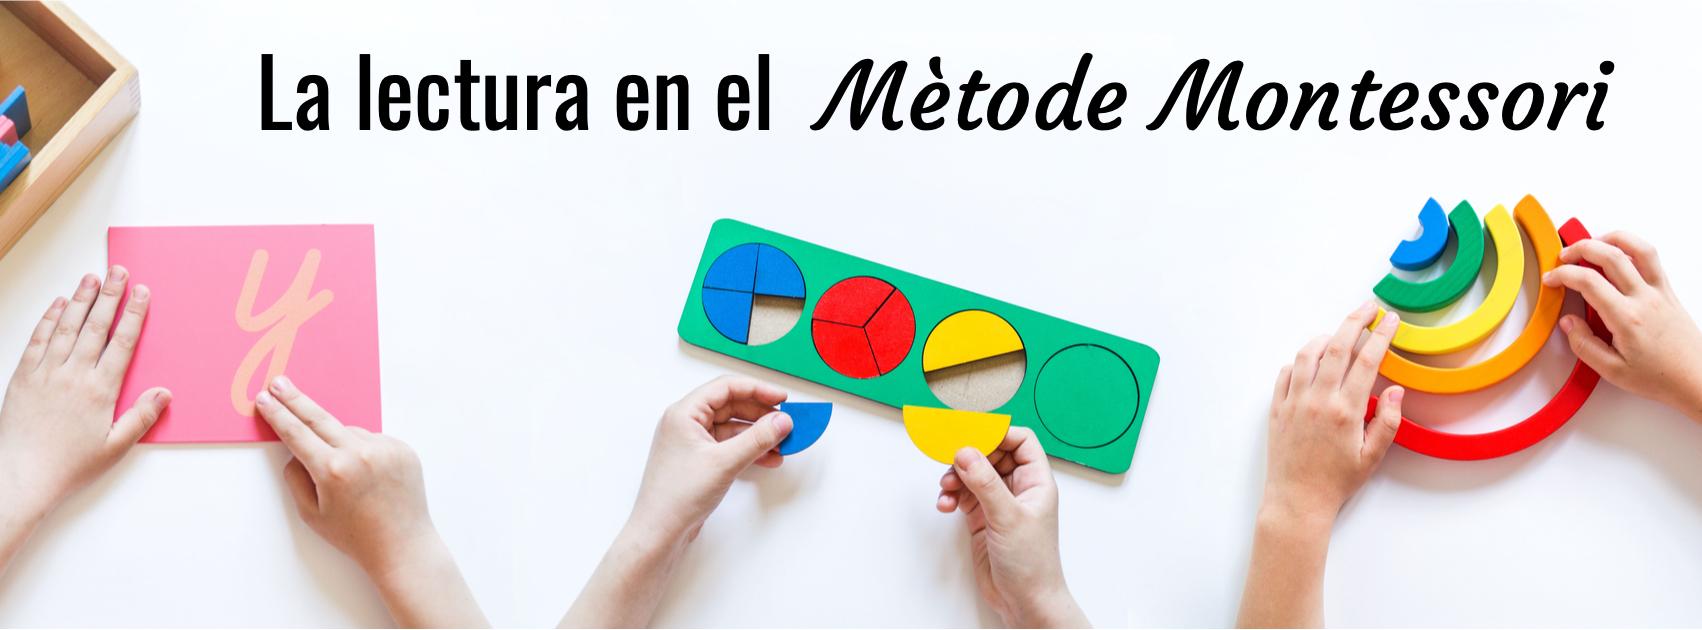 La lectura en el mètode Montessori